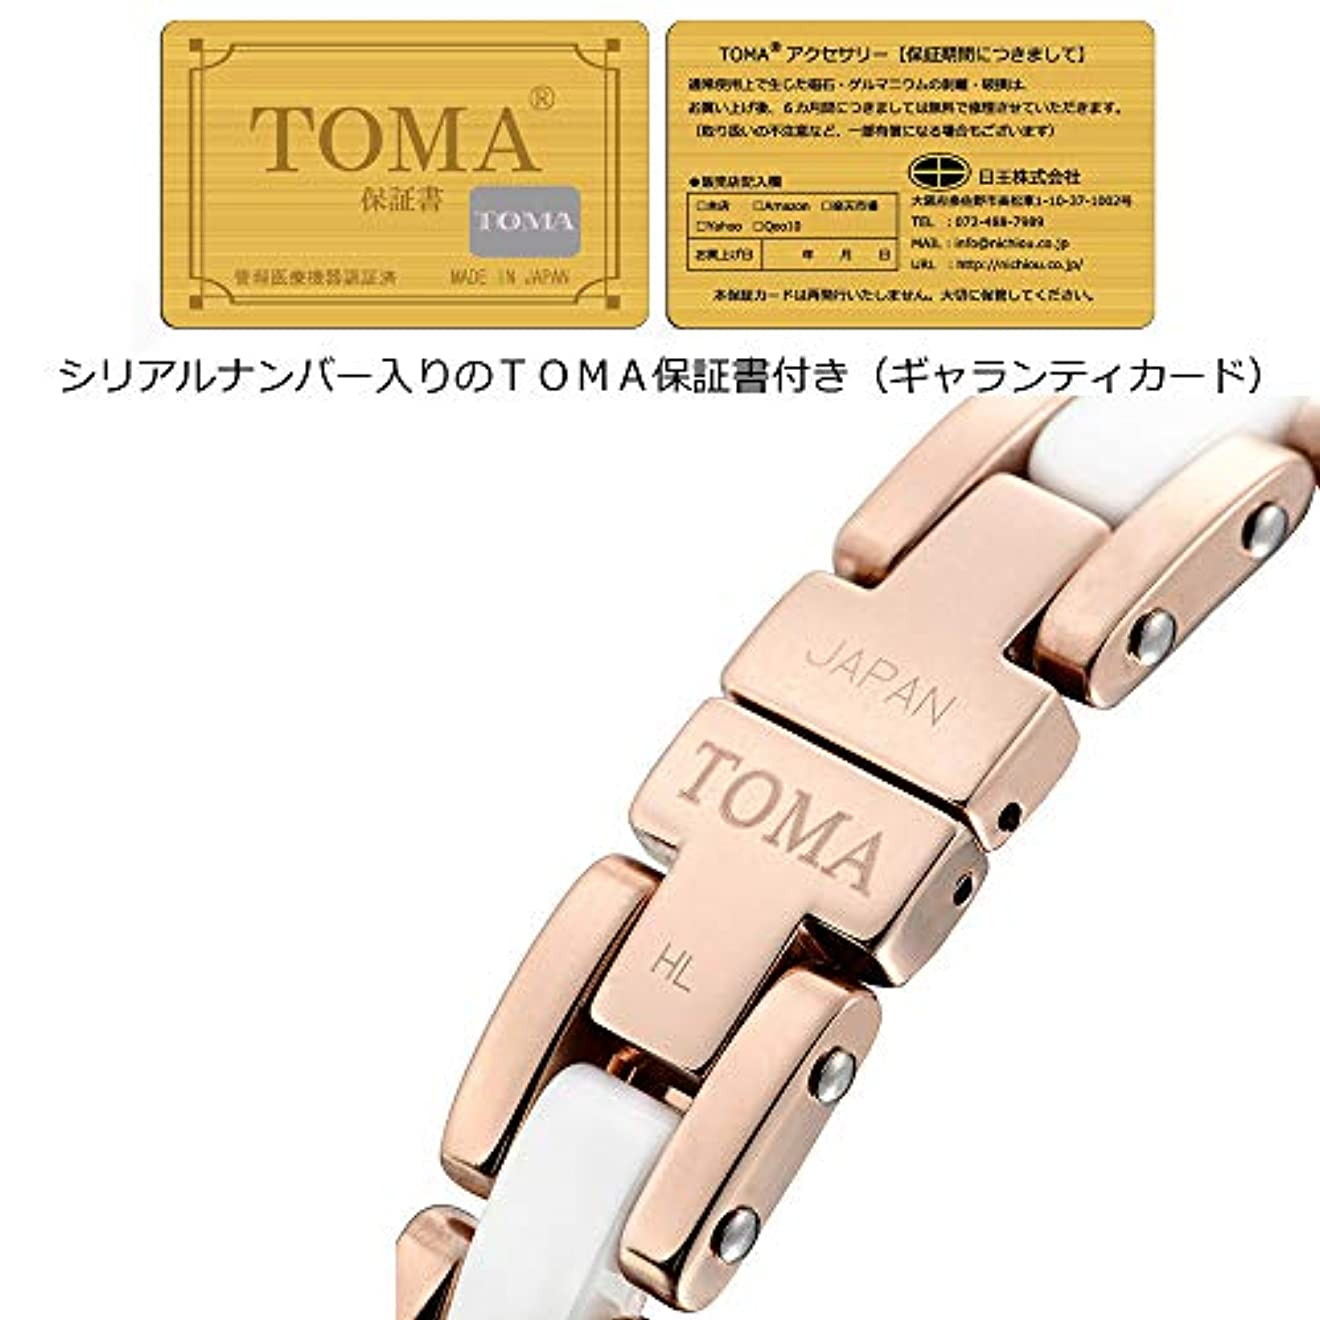 便宜ミスコンドームTOMA11F(ピンクゴールド×白セラミック)磁気?ゲルマブレスレット 保証書(ギャランティカード)付き